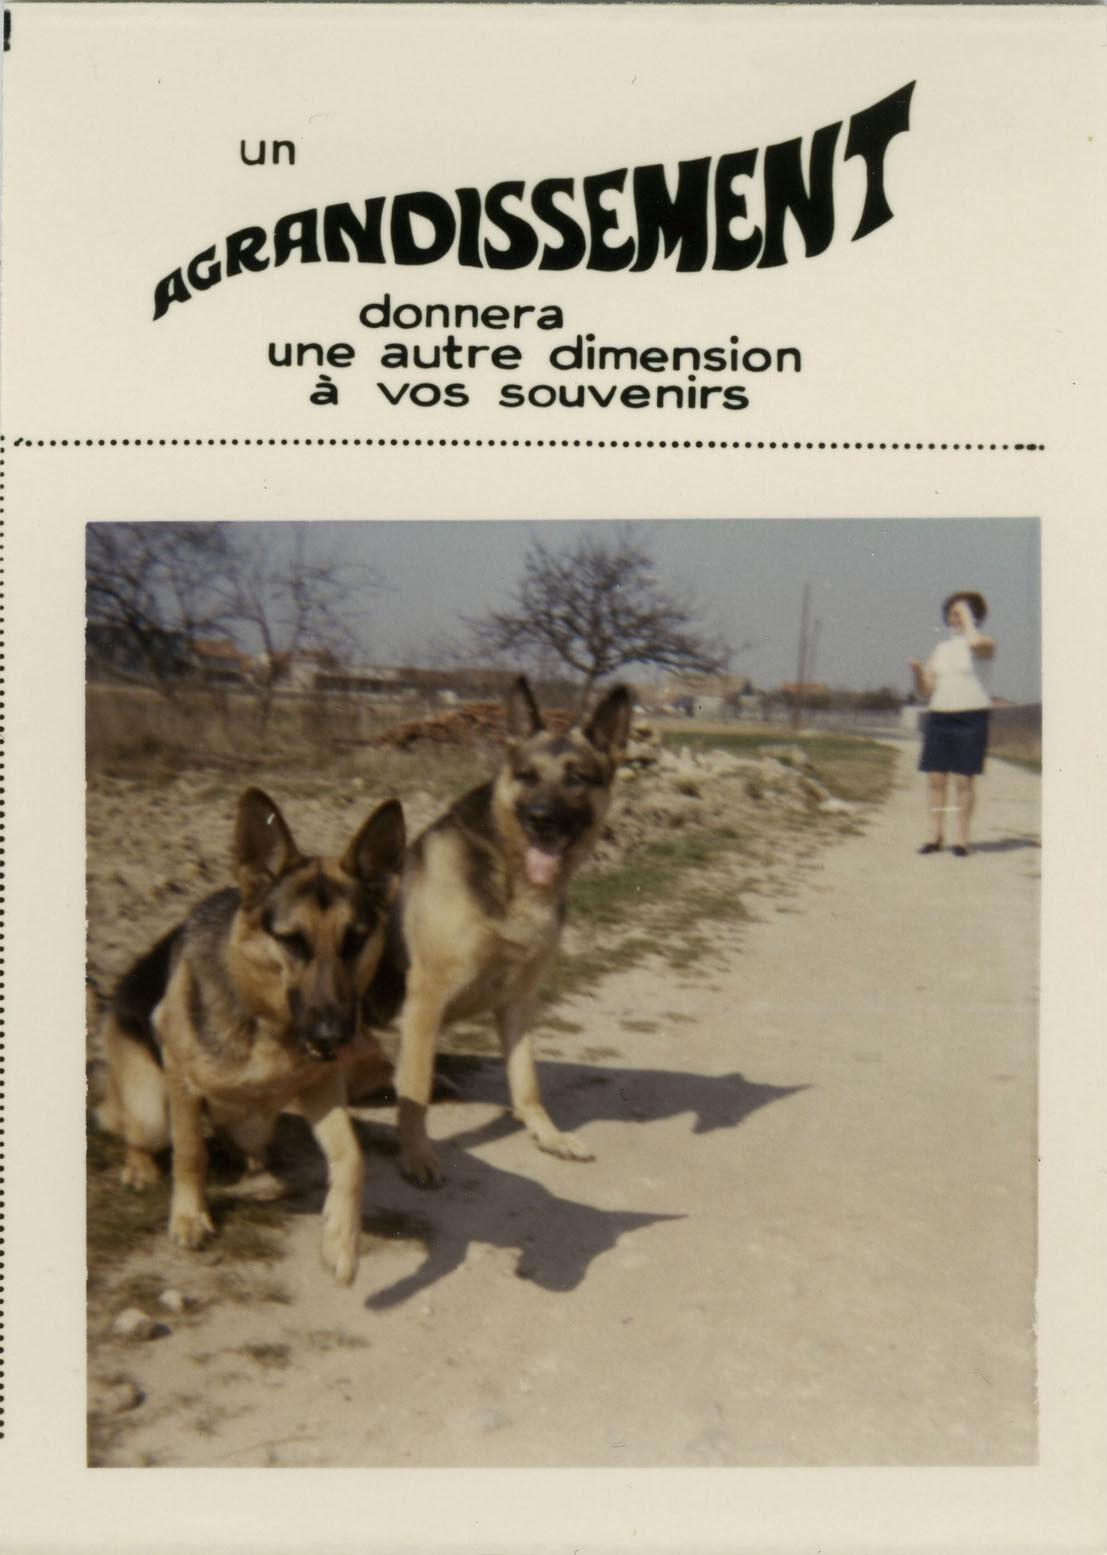 Photo ancienne - vintage snapshot - animal chien berger allemand bonus - dog 8